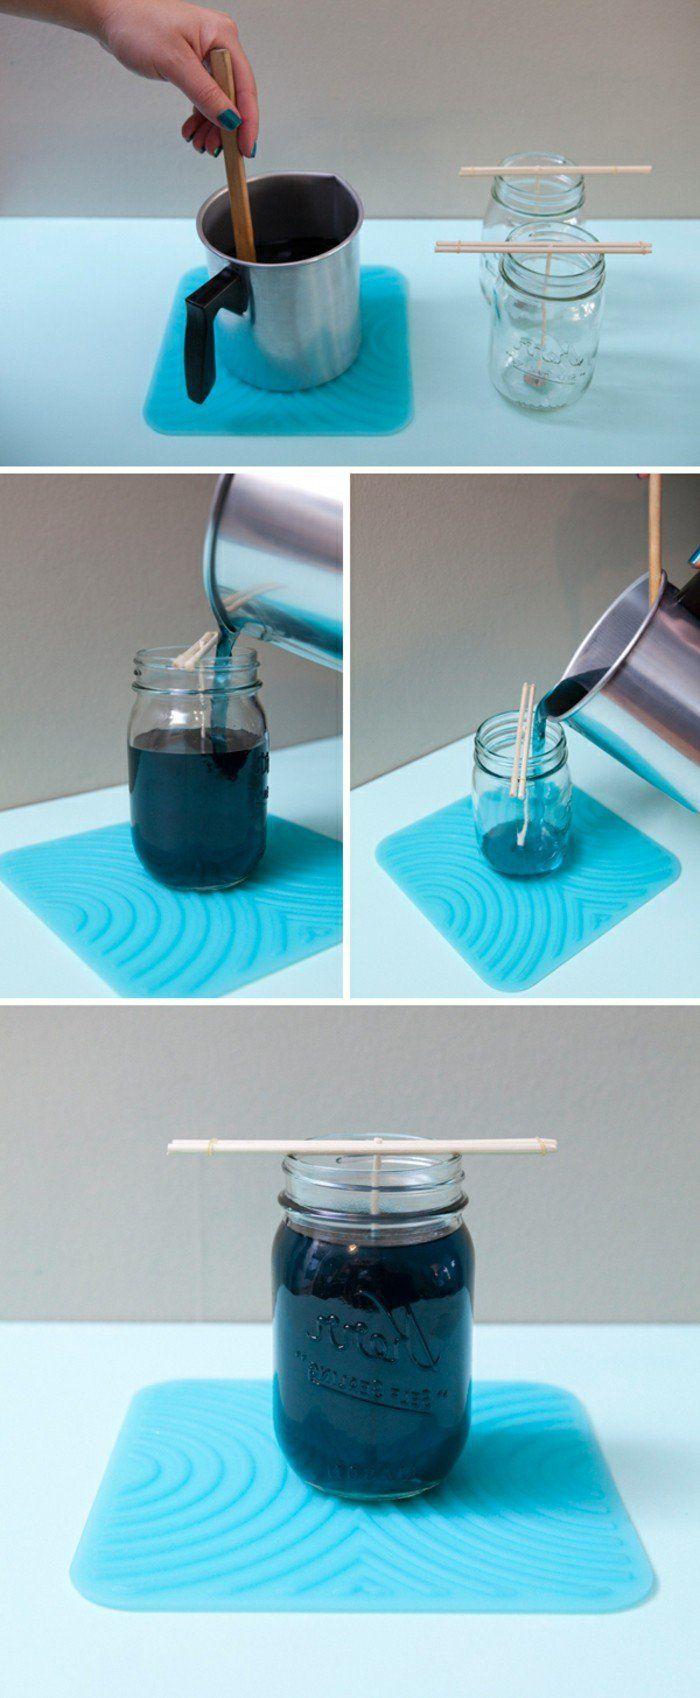 verser la cire dans le moule, dernier étape du projet comment fabriquer de bougies